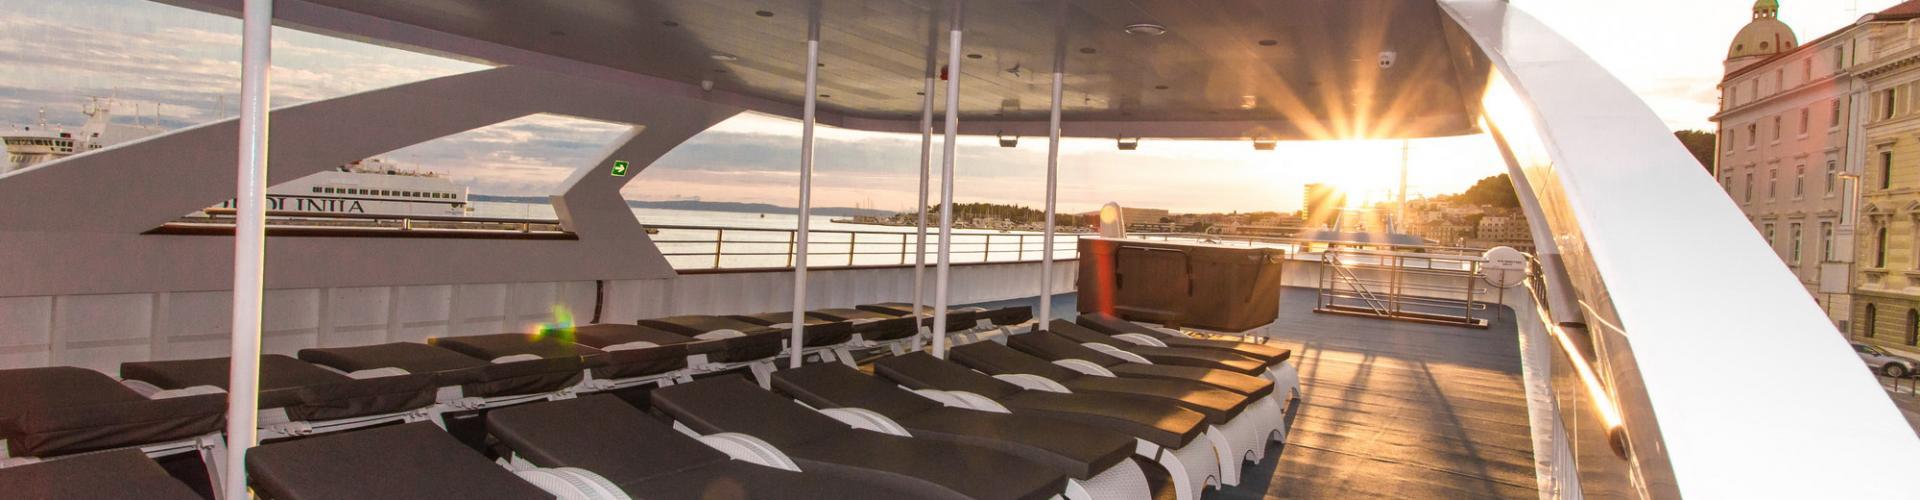 2017. Deluxe Superior nave da crociera MV Maritimo